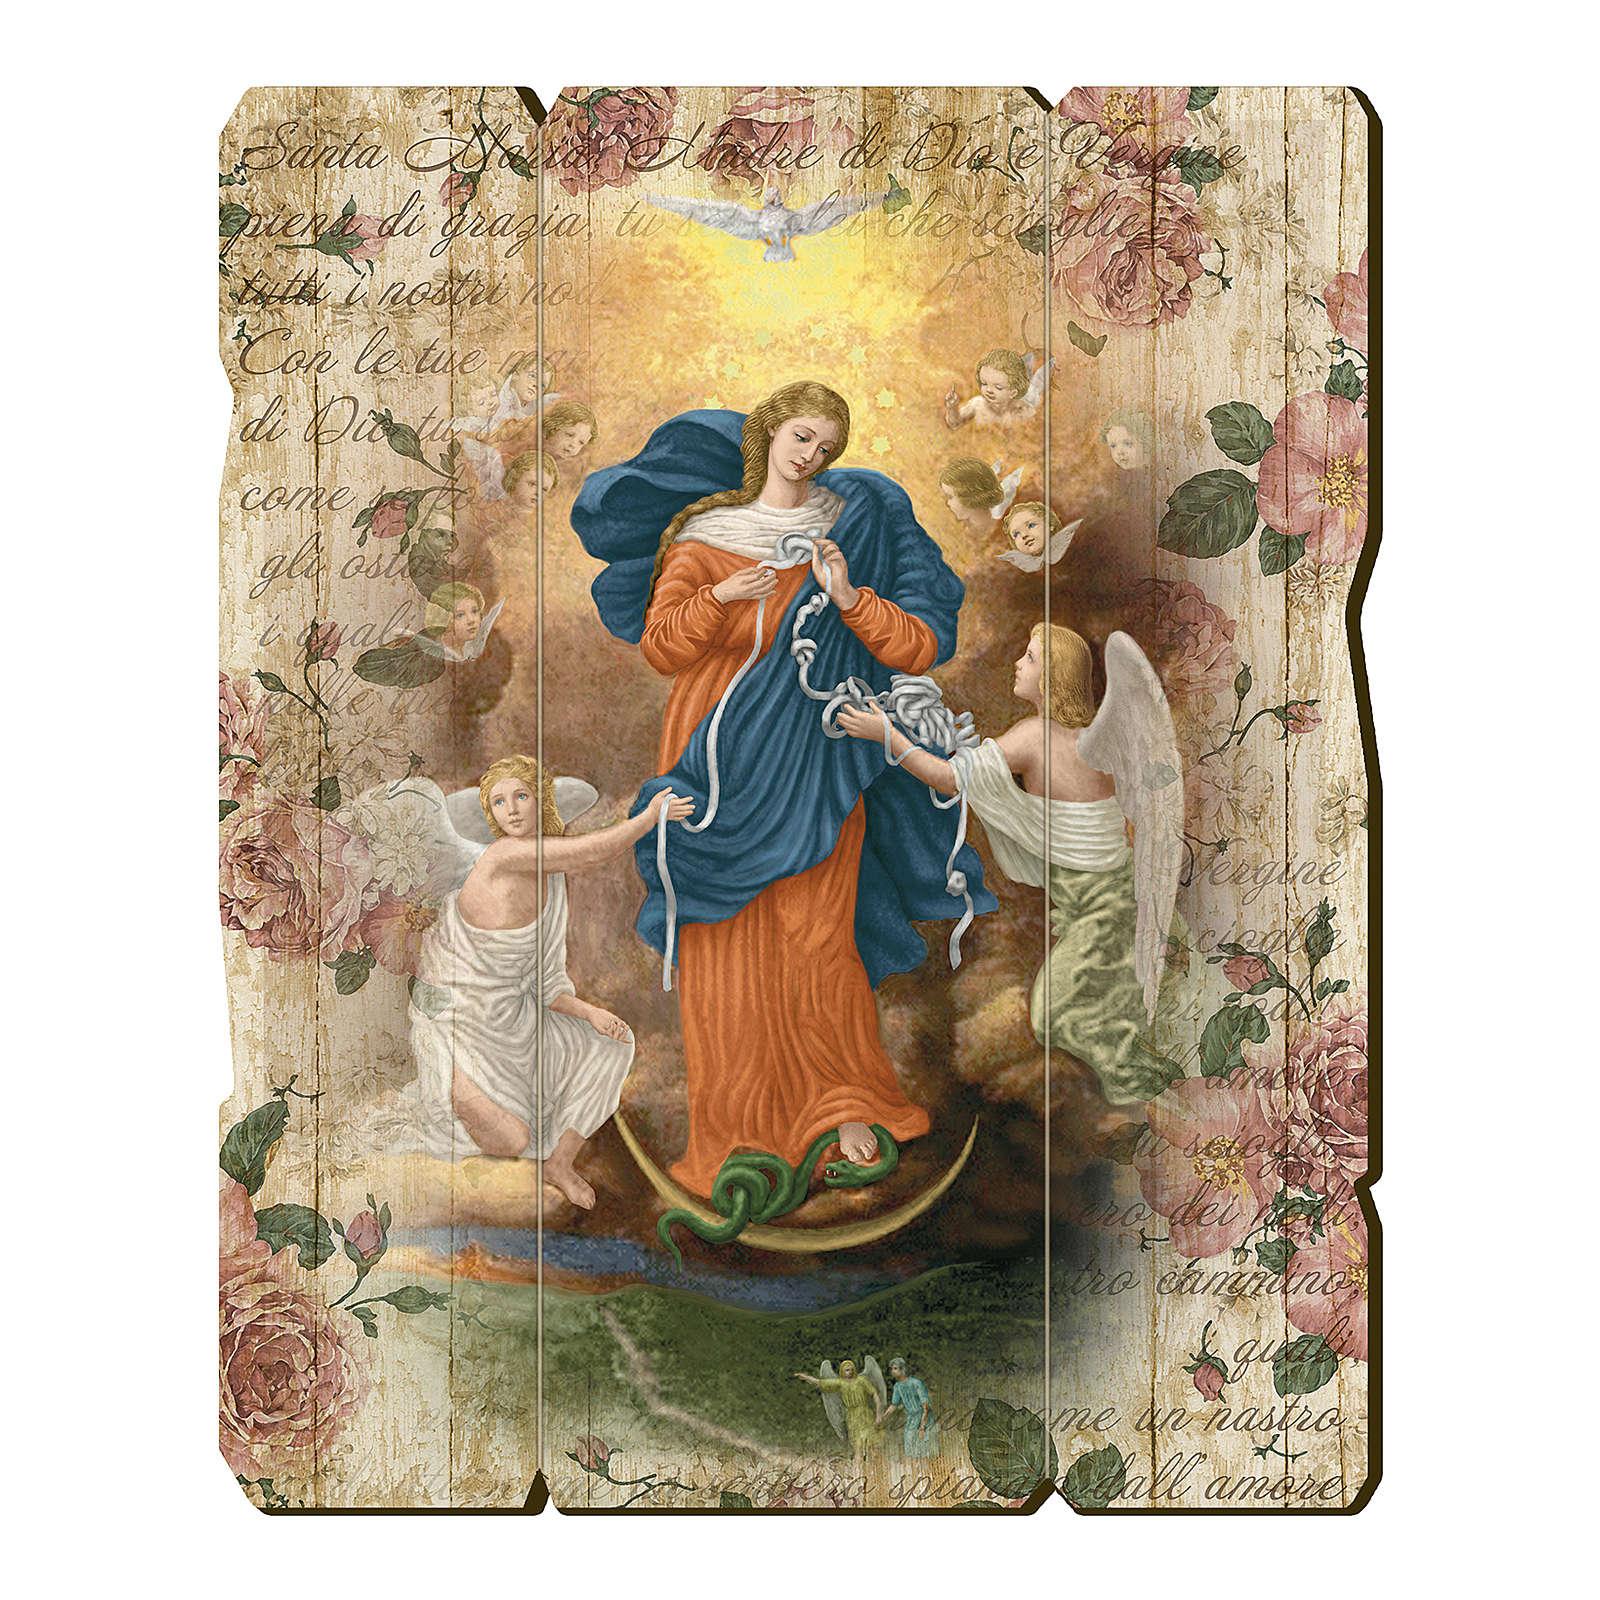 Obraz Matka Boża rozwiązująca węzły retro drewno profilowany brzeg haczyk 3